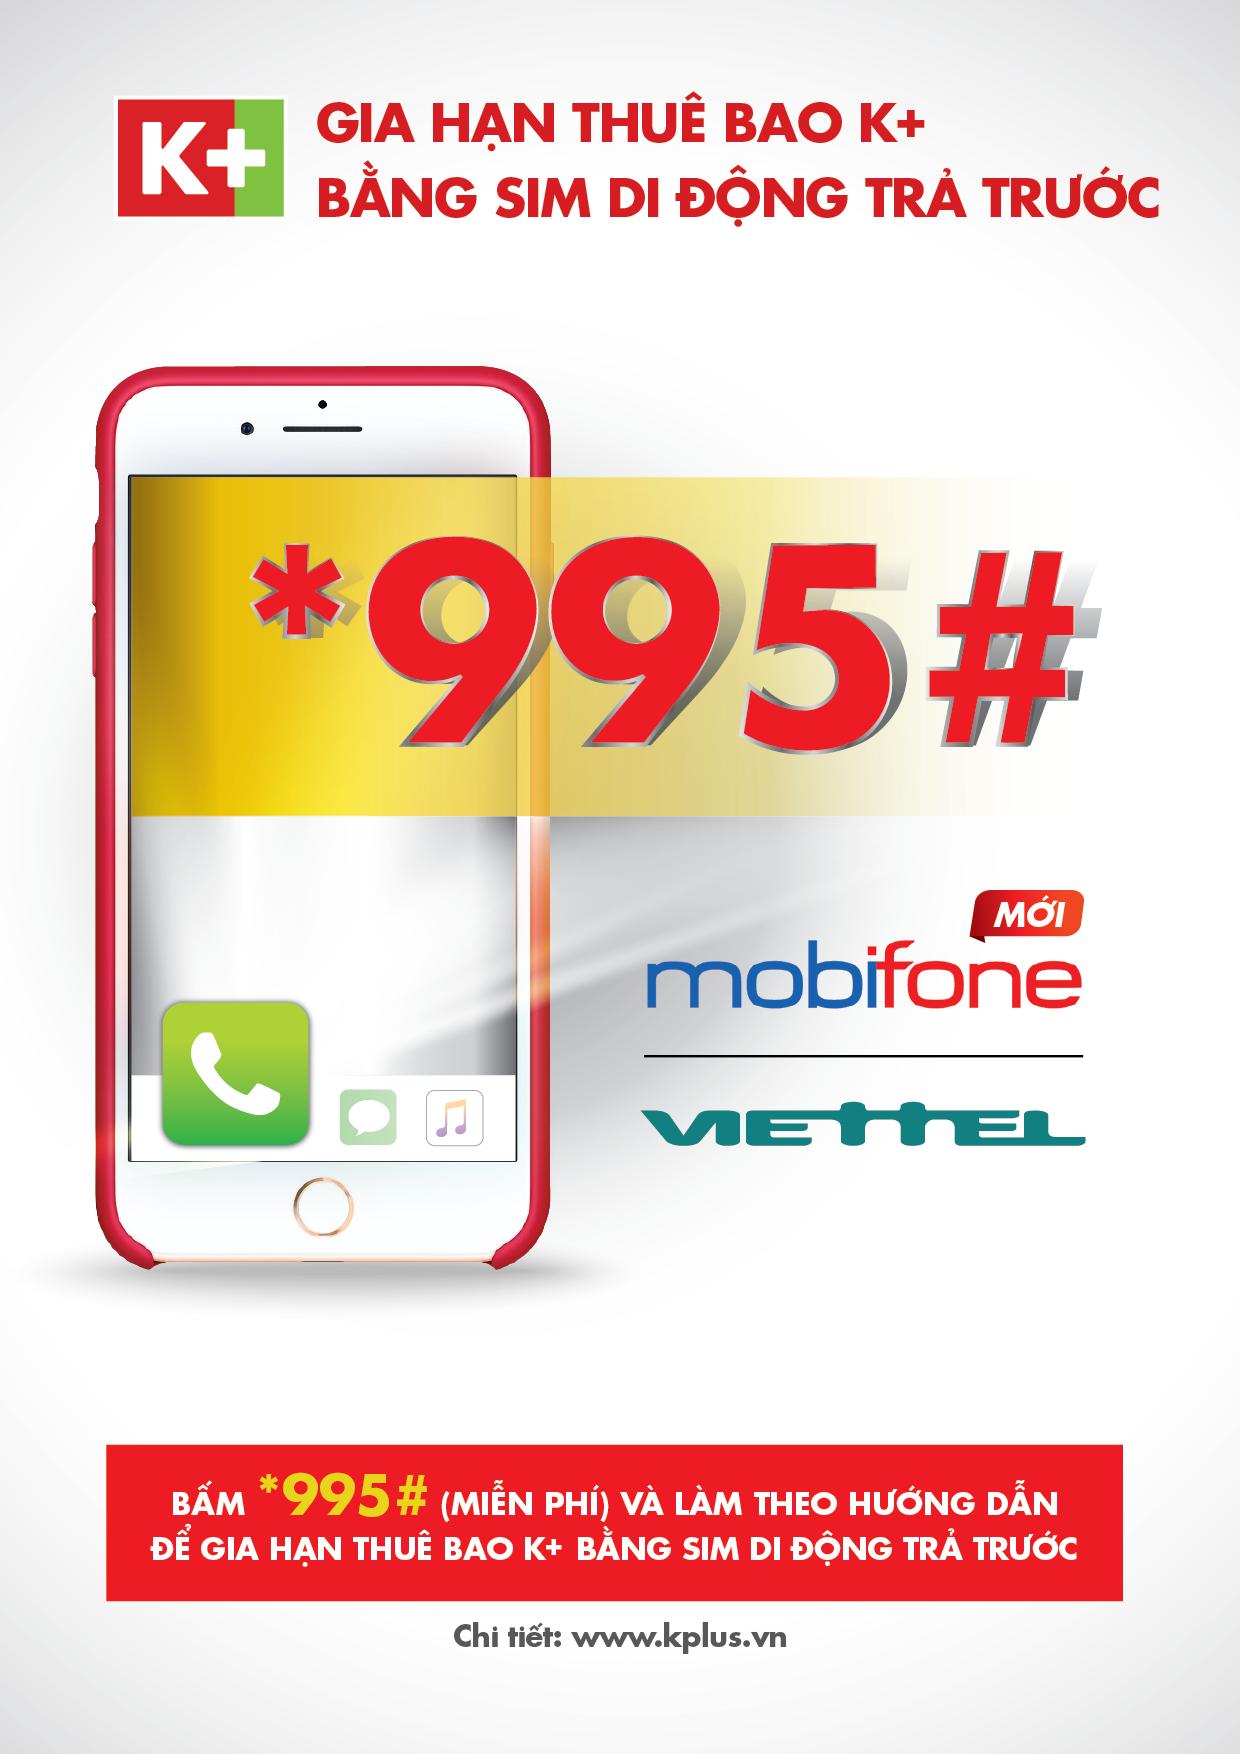 gia hạn k+ bằng thẻ cào viettel, mobifone